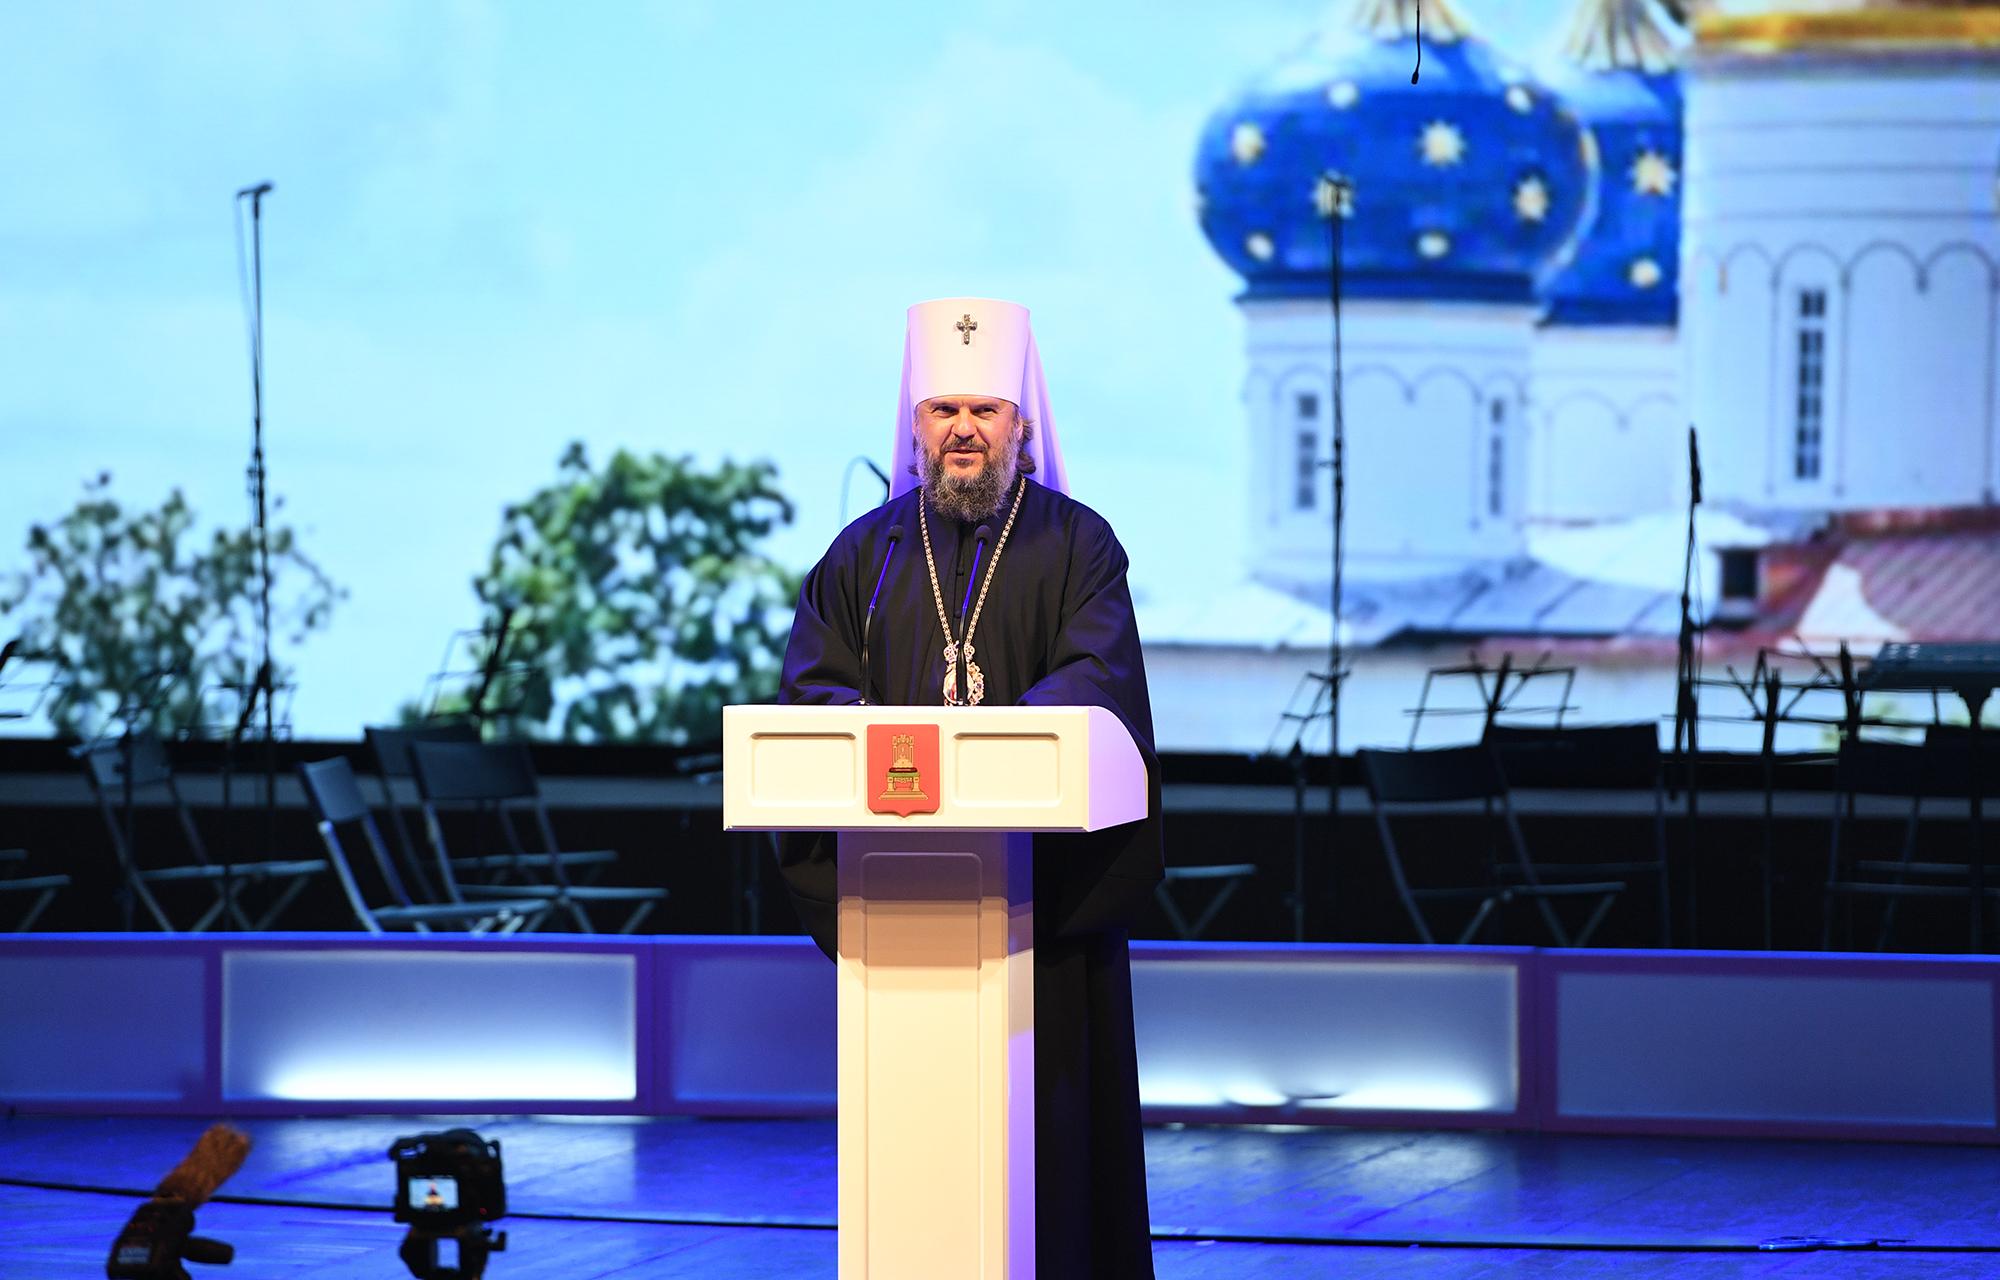 В Тверской области отмечают 750-летие образования Тверской епархии